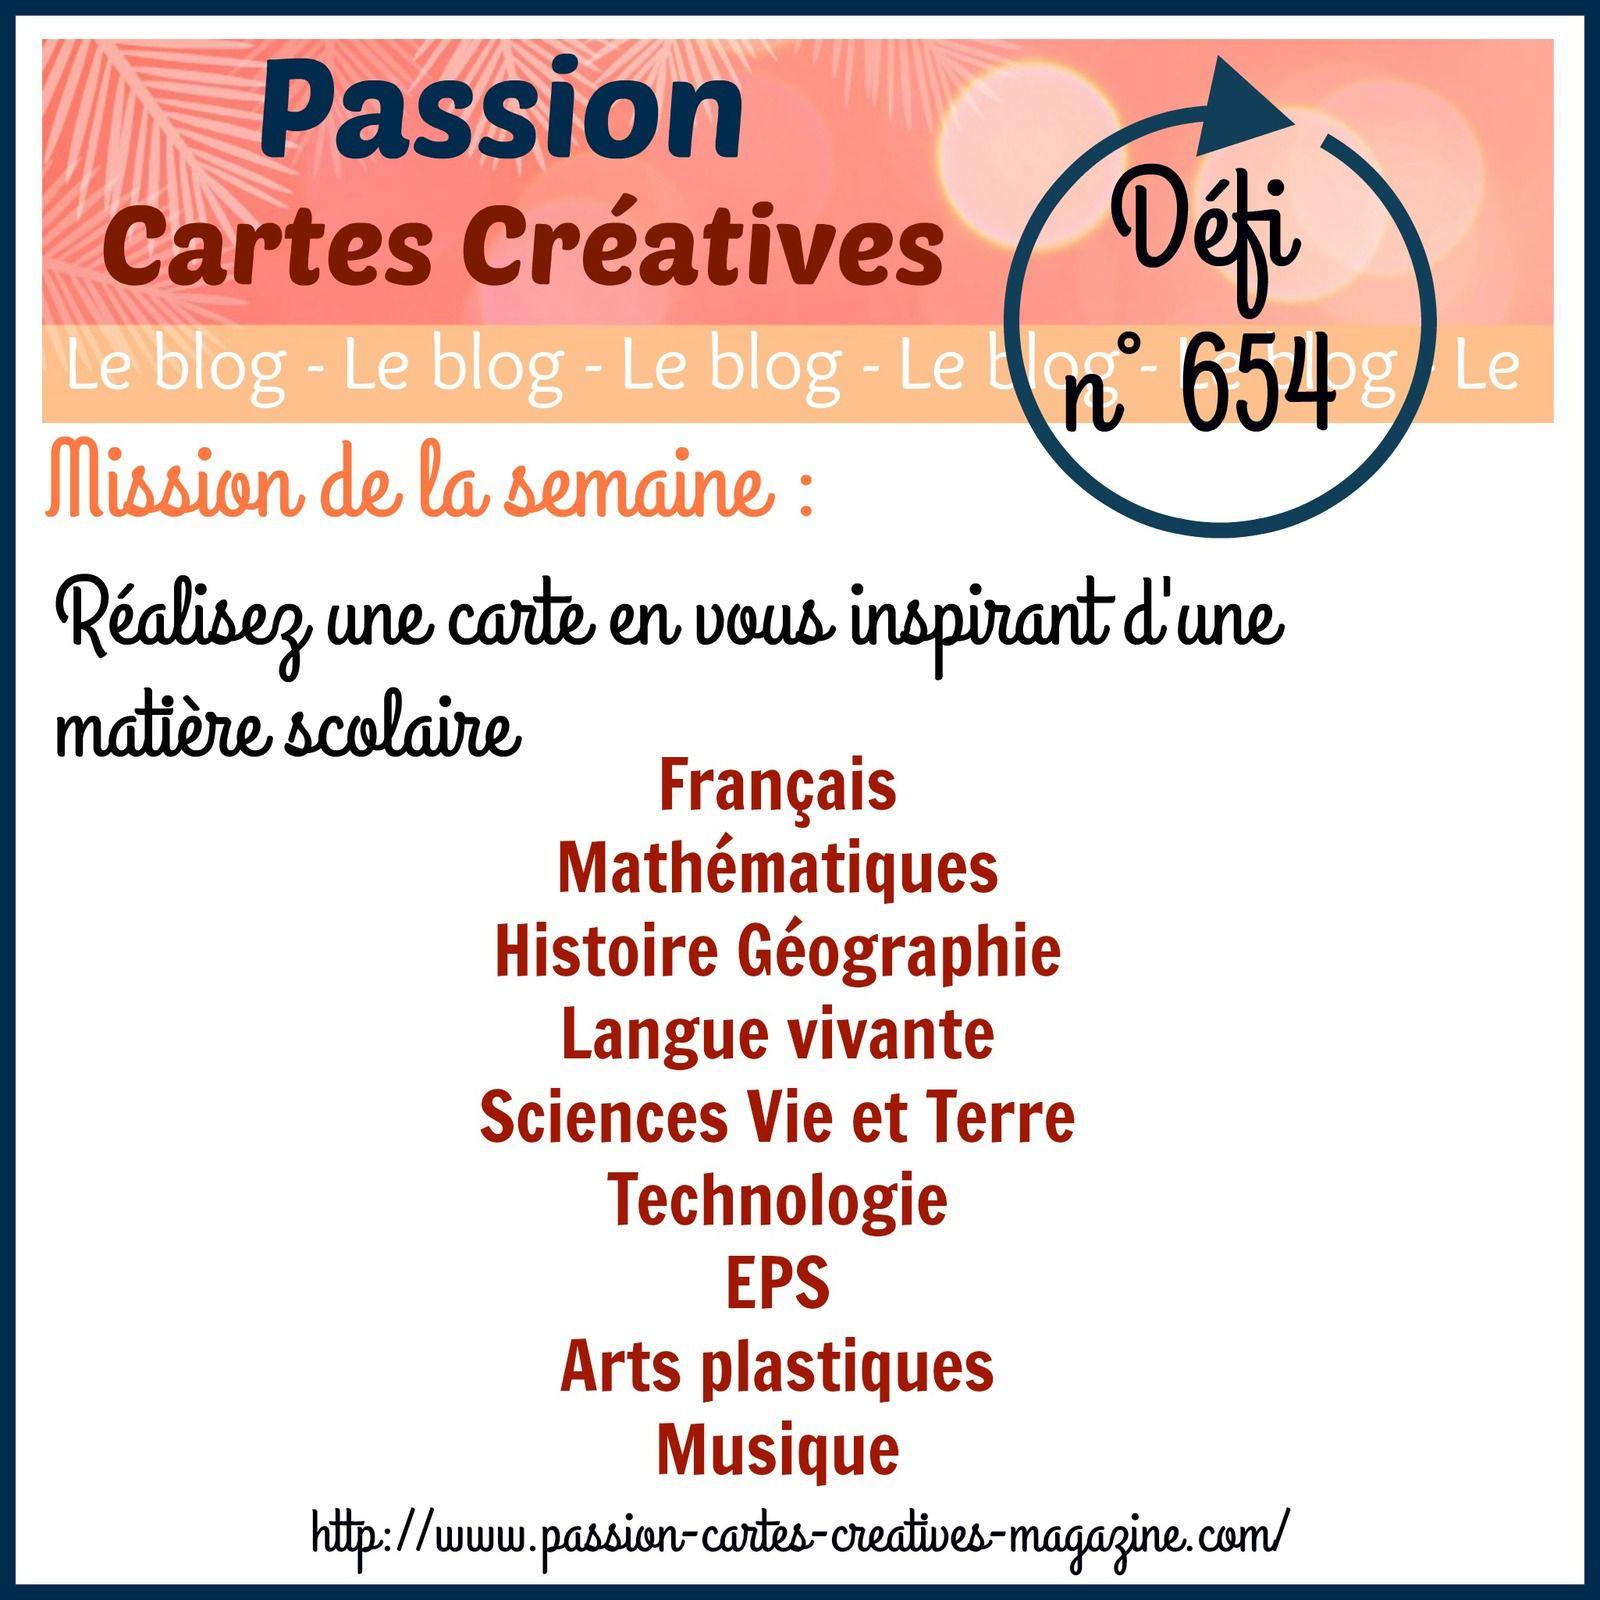 Défi 654 de Passion Cartes Créatives